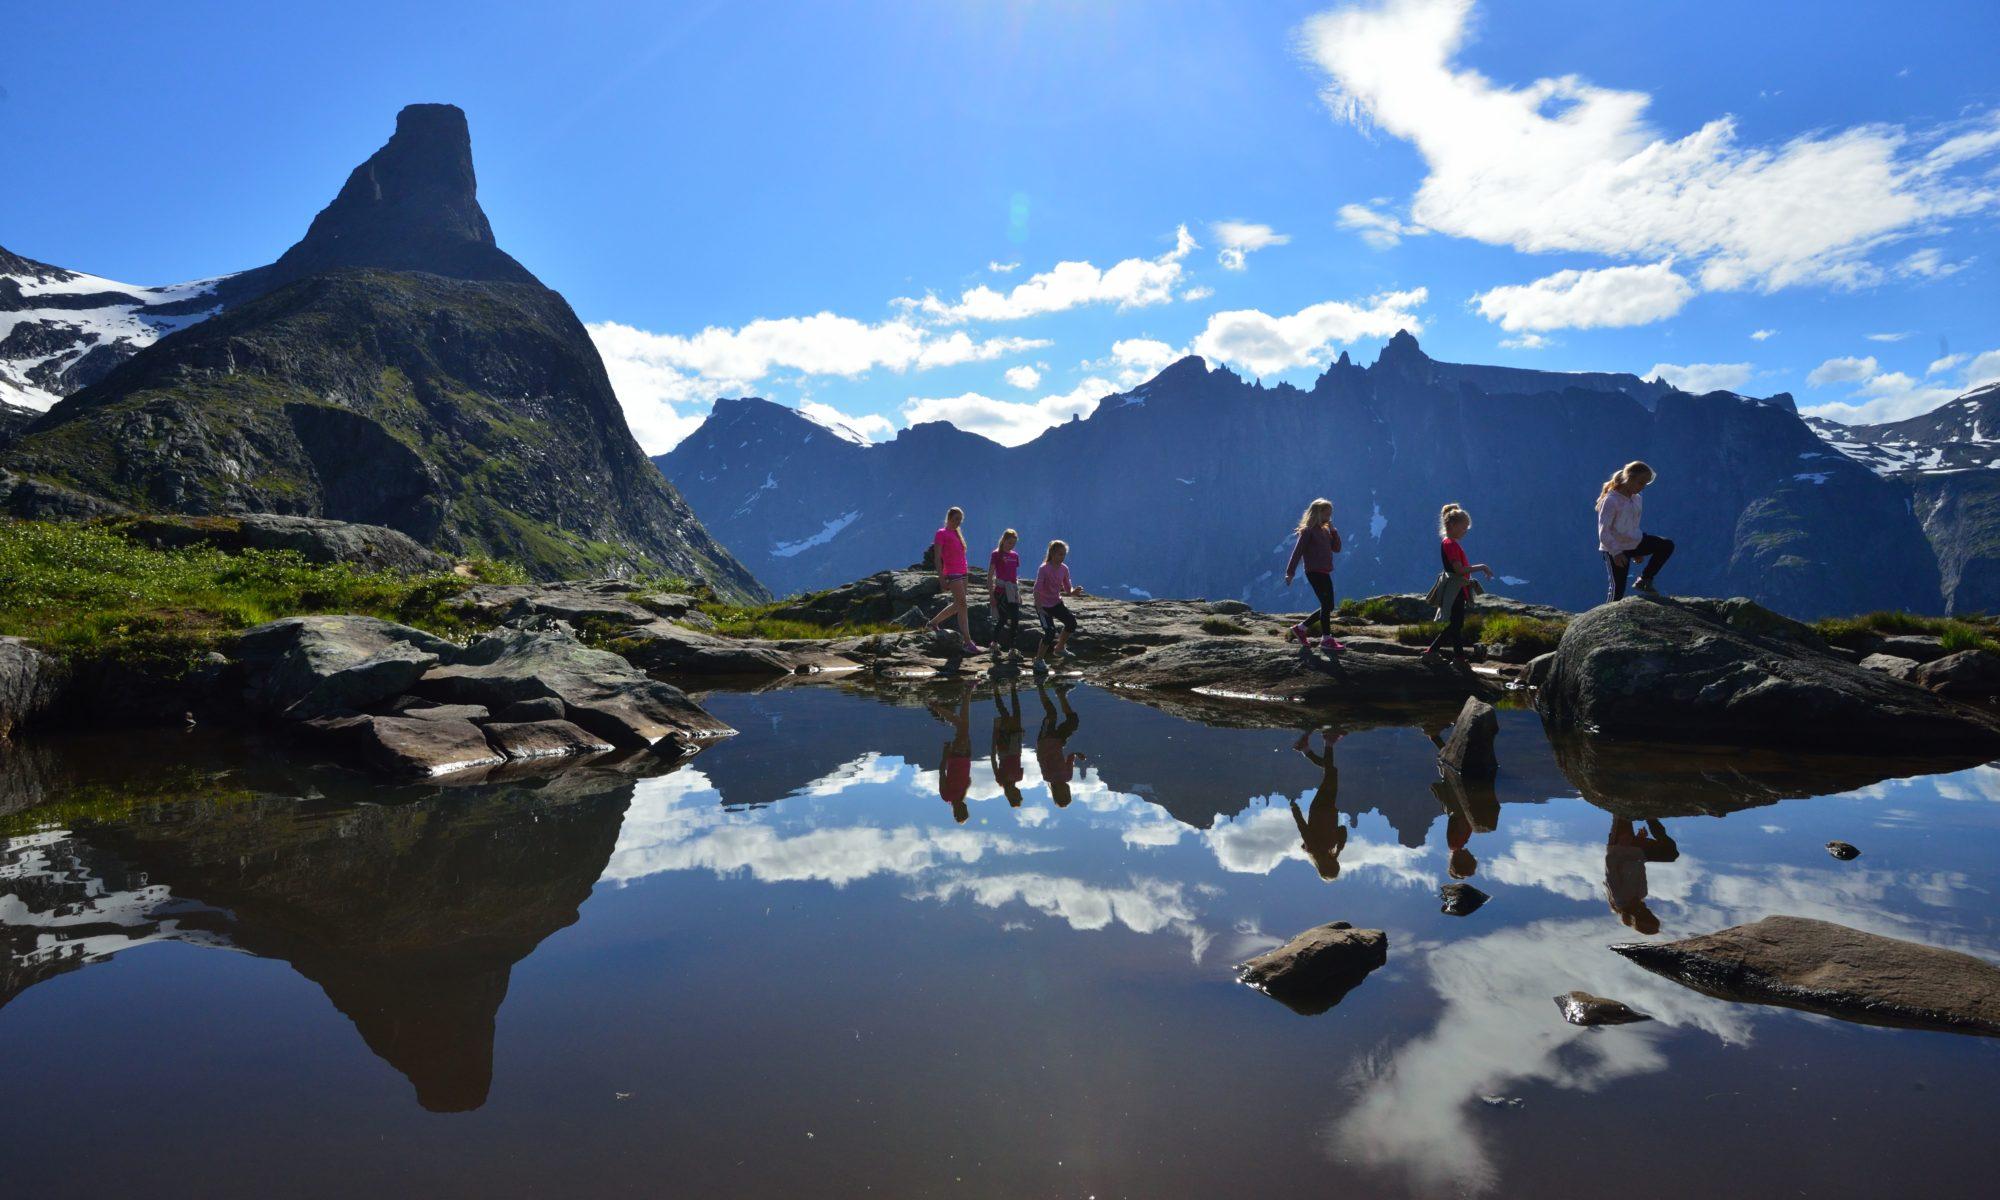 FJORDS NORWAY - LITLEFJELLET I ROMSDAL